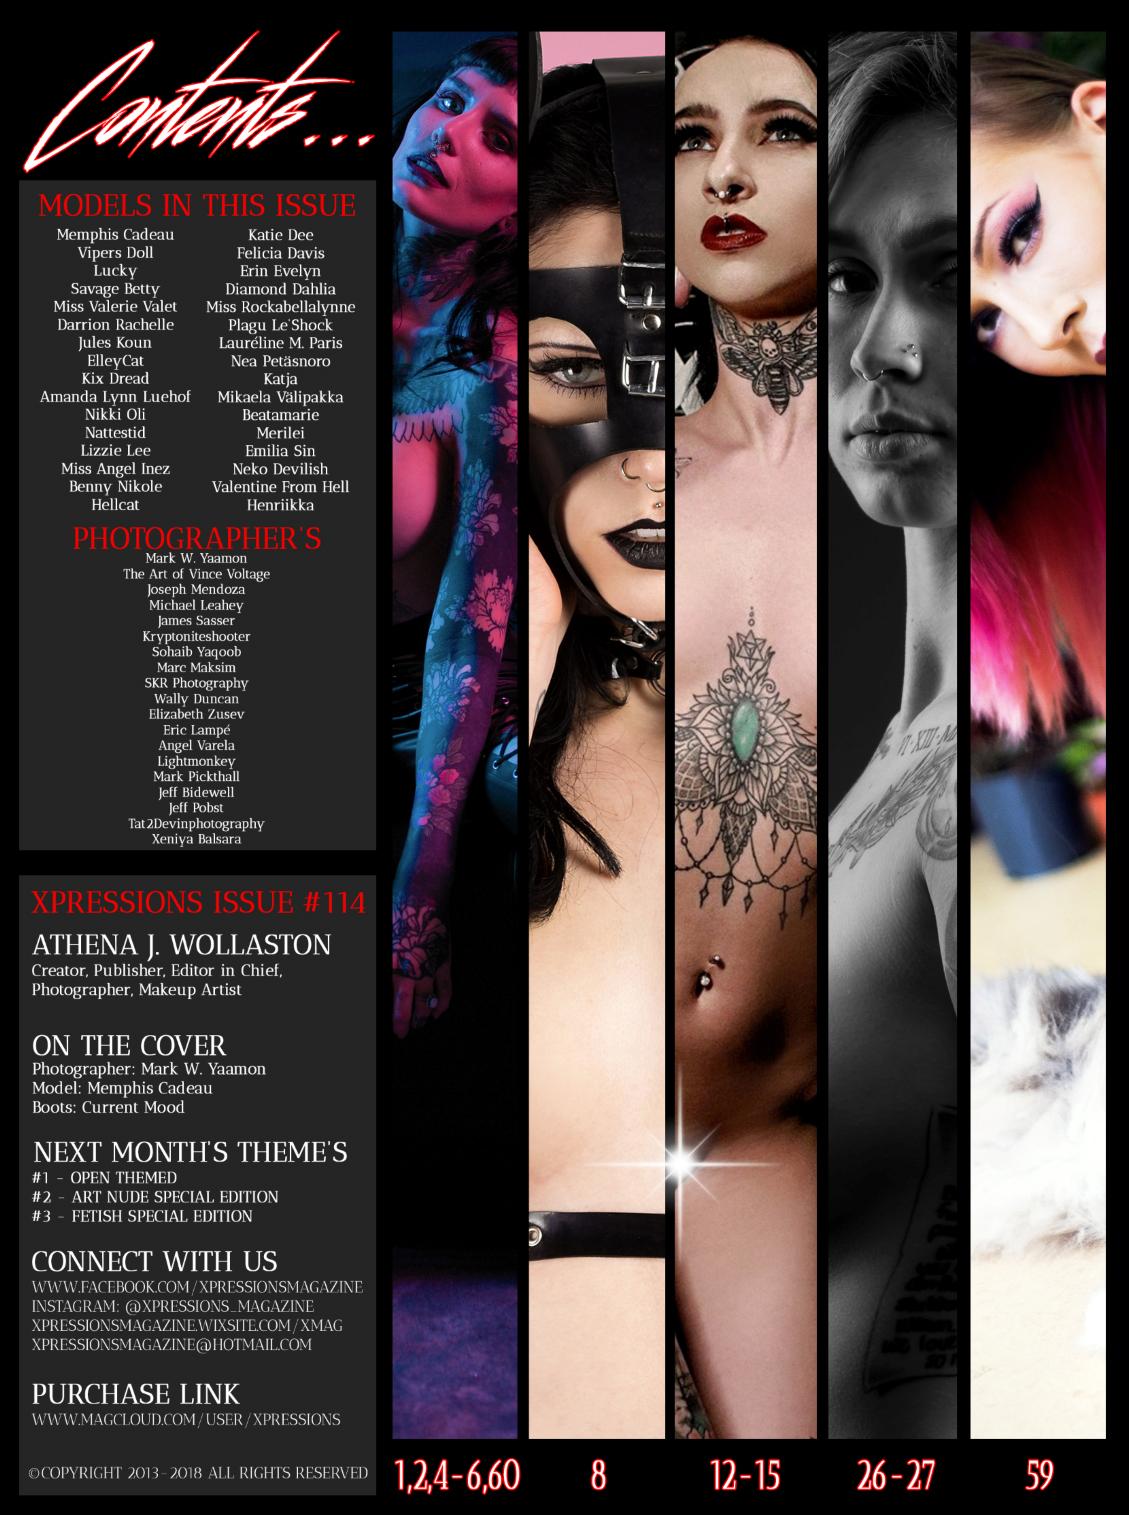 Xpressions magazine #114